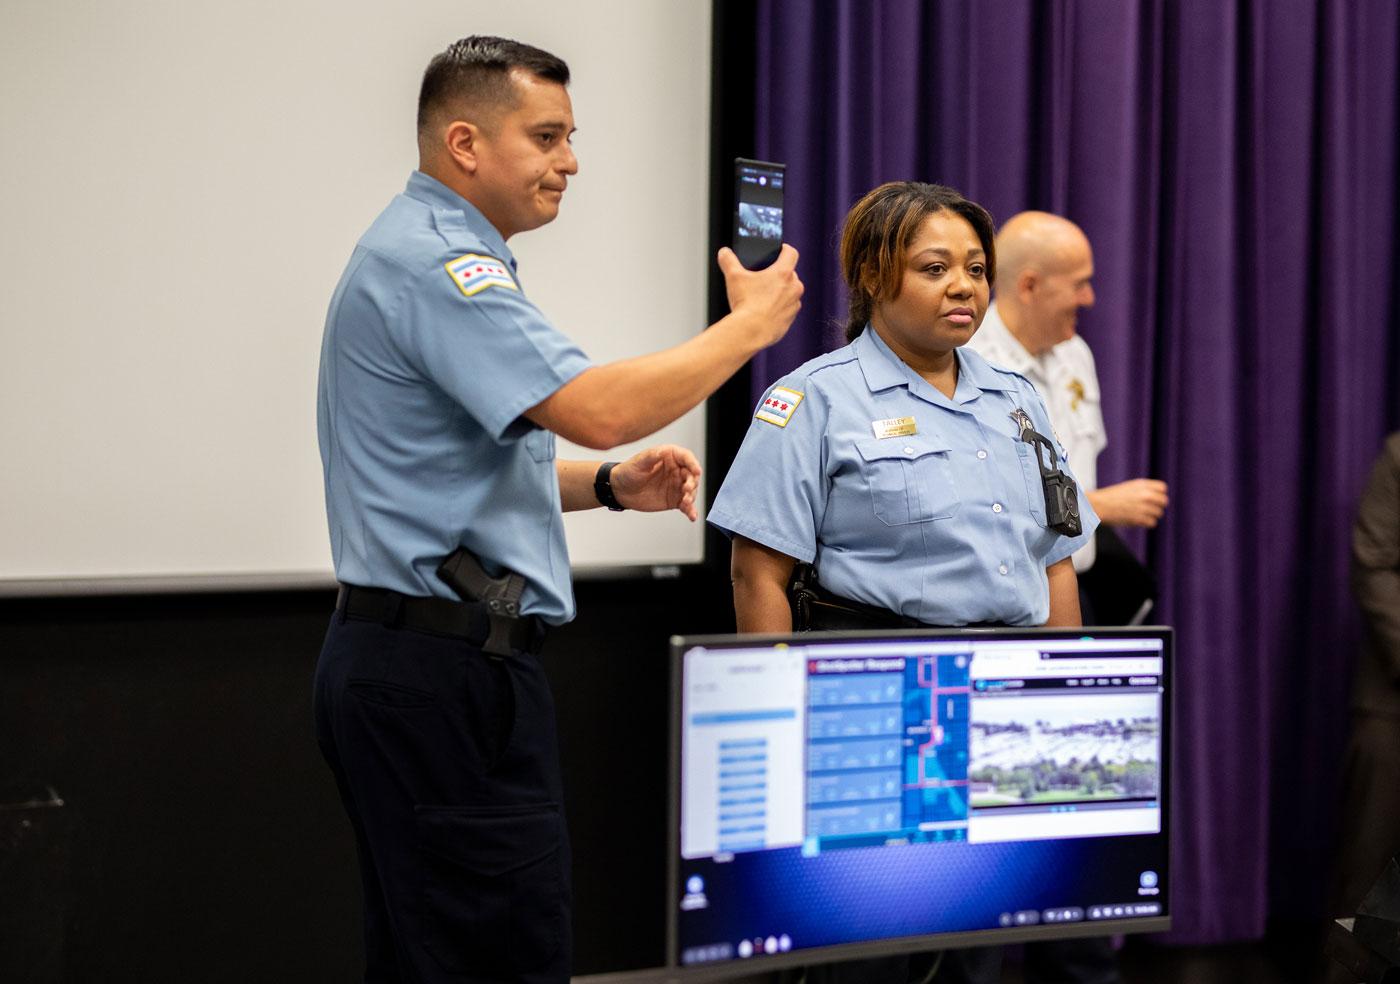 Conheça exemplos de tecnologias aplicadas na segurança pública